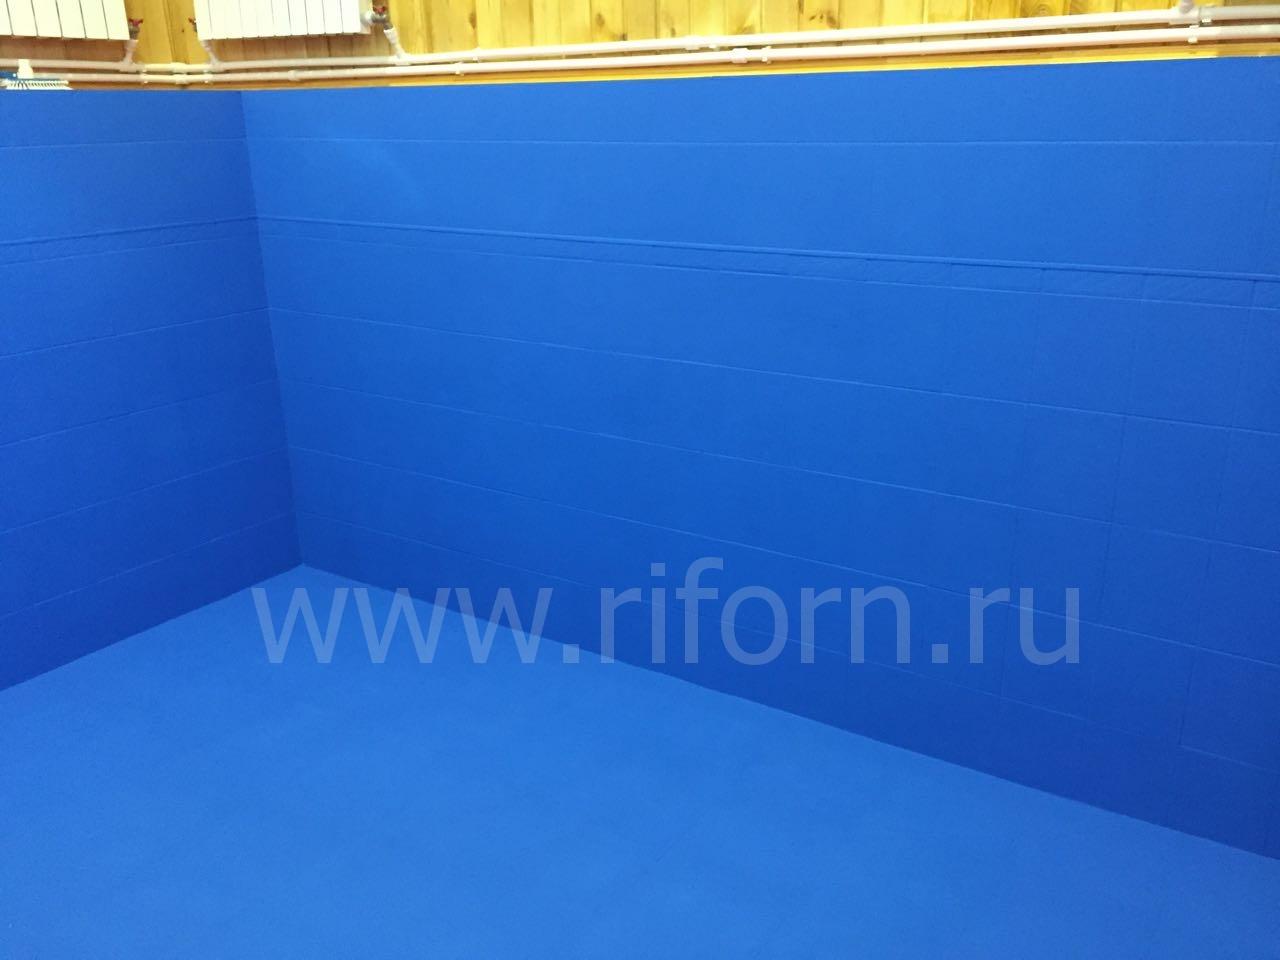 Краска для покрытия бассейна: резиновая и гидростоун, фото / краска для бетонного бассейна, видео-инструкции